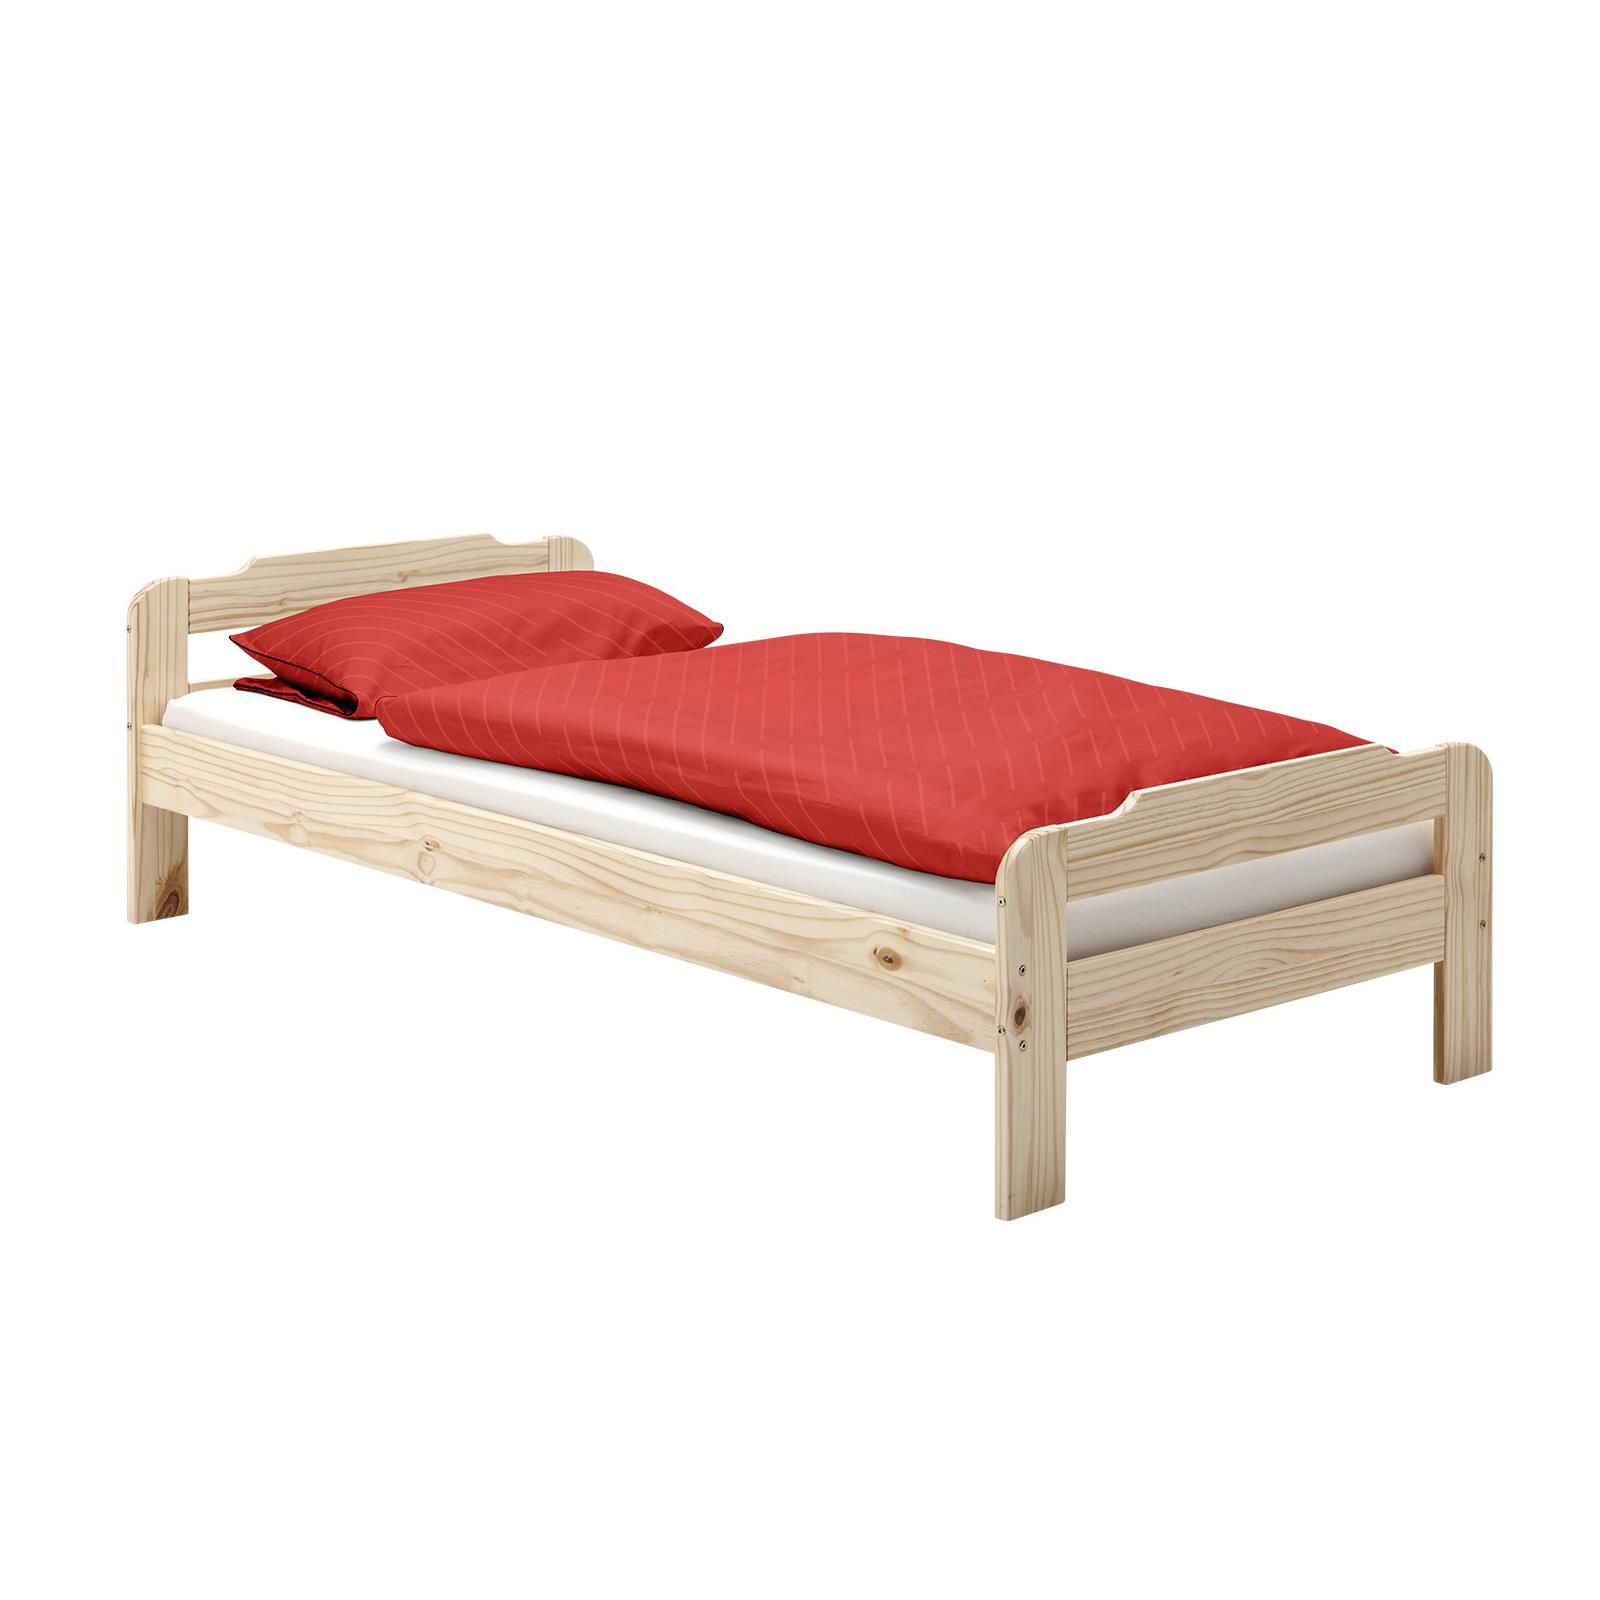 Doppelbett Größen : Bett einzelbett doppelbett kiefer massiv natur lackiert in